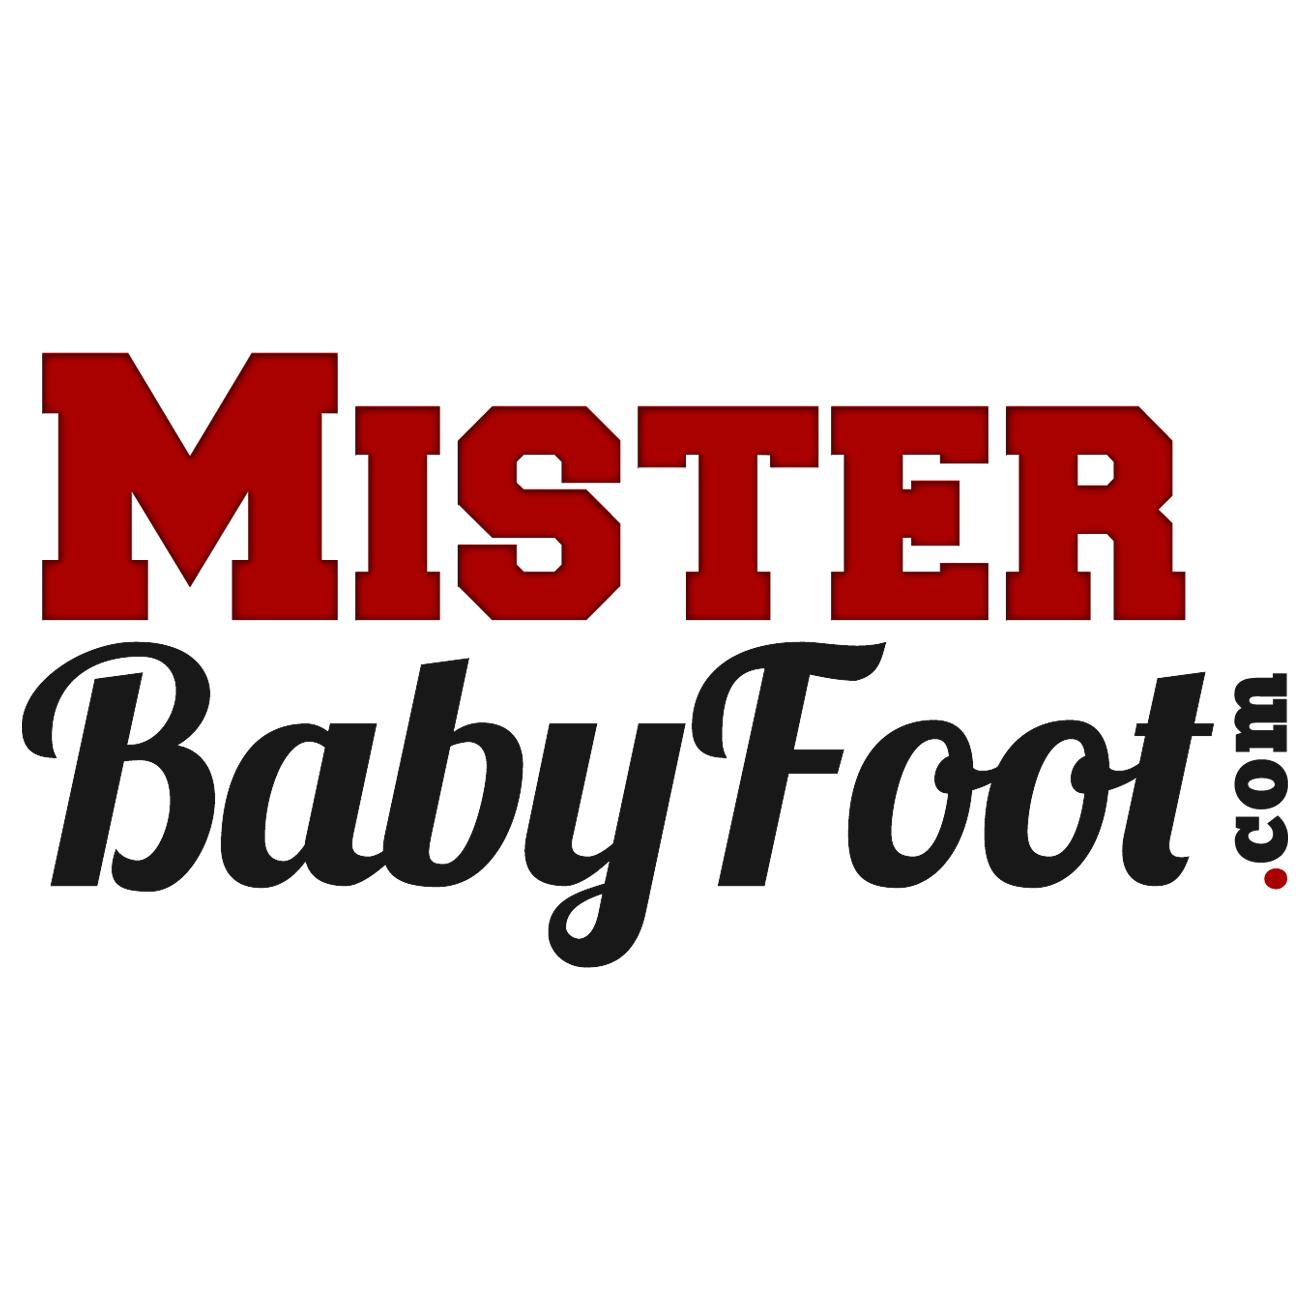 Ce qu'il faut savoir de Mister babyfoot